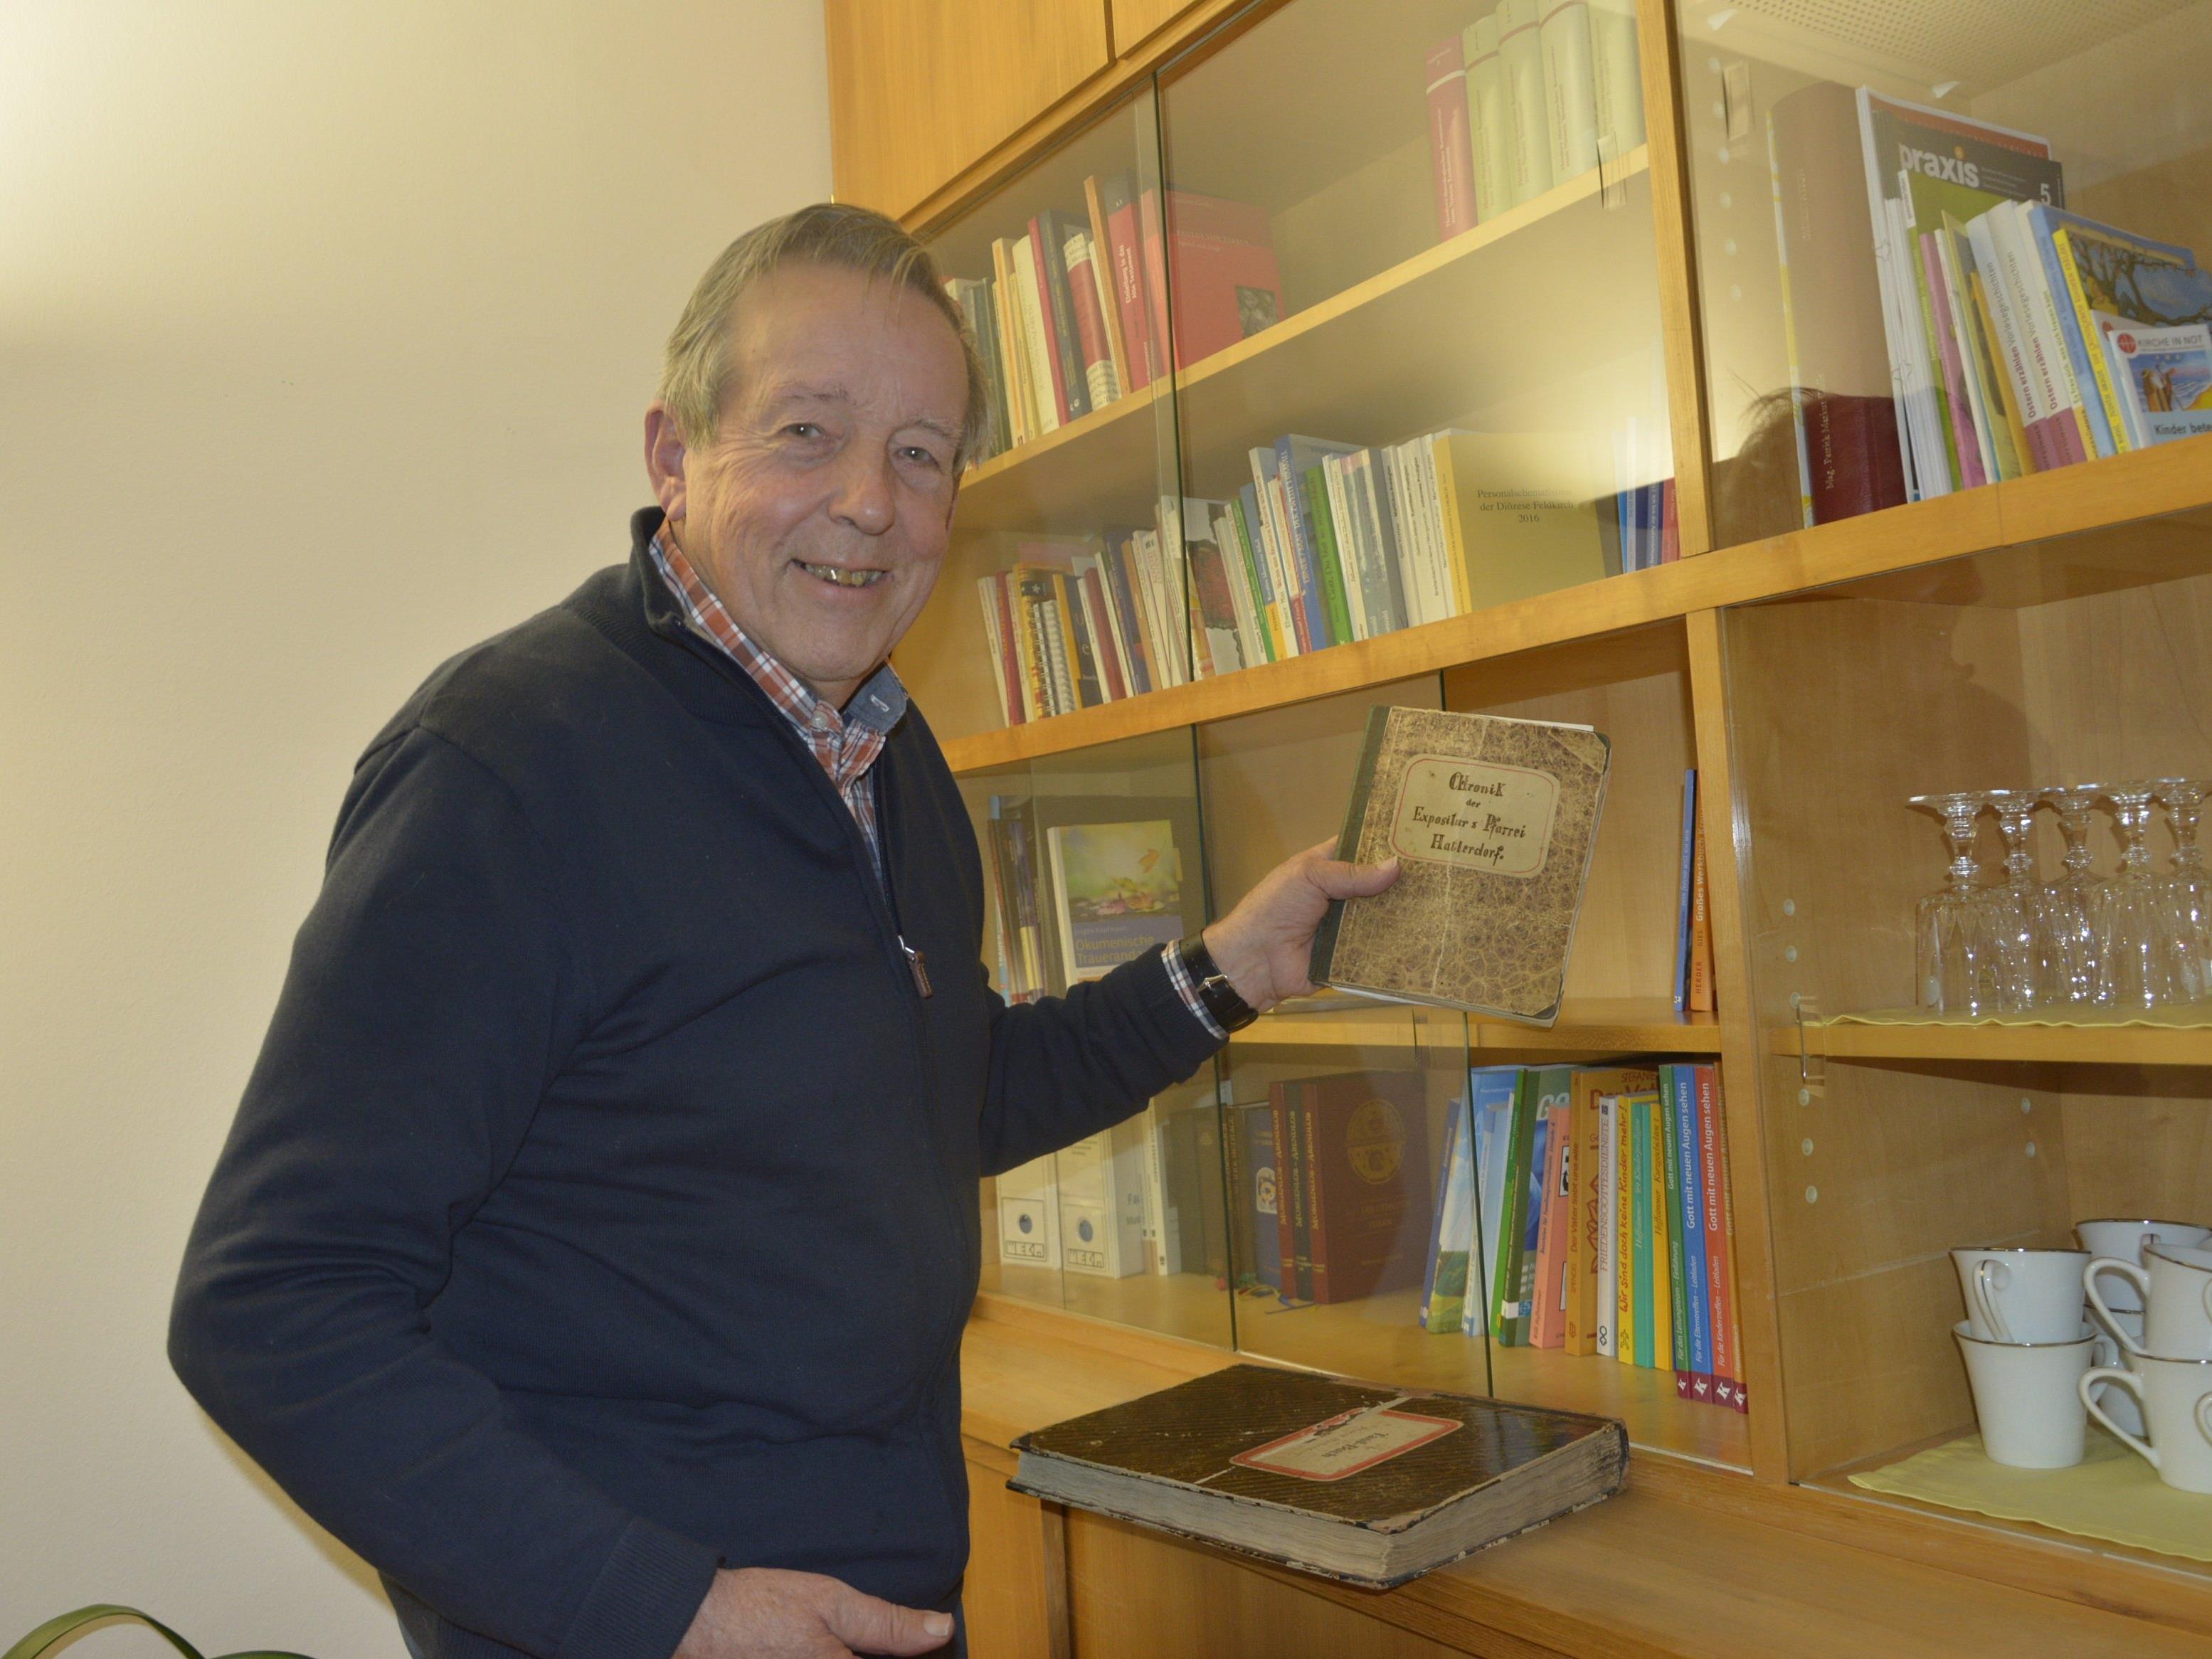 Helmut Fußenegger interessiert sich für das historische Hatlerdorf. Im Besonderen für die Kirchengeschichte.